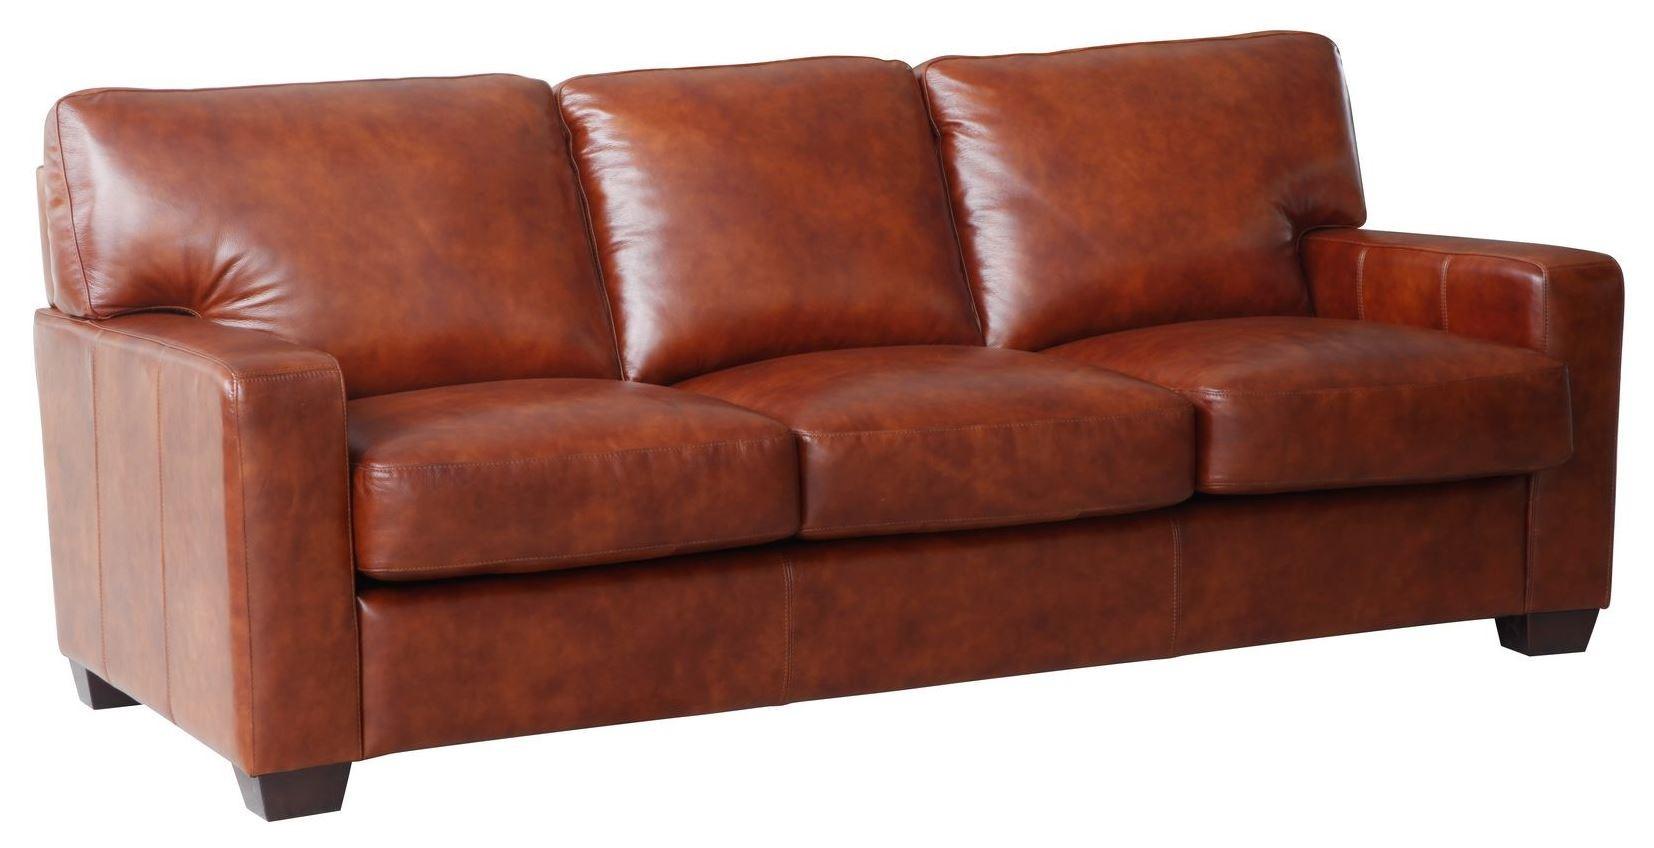 Aberdeen Auburn Top Grain Leather Sofa WH 1528 30 3730